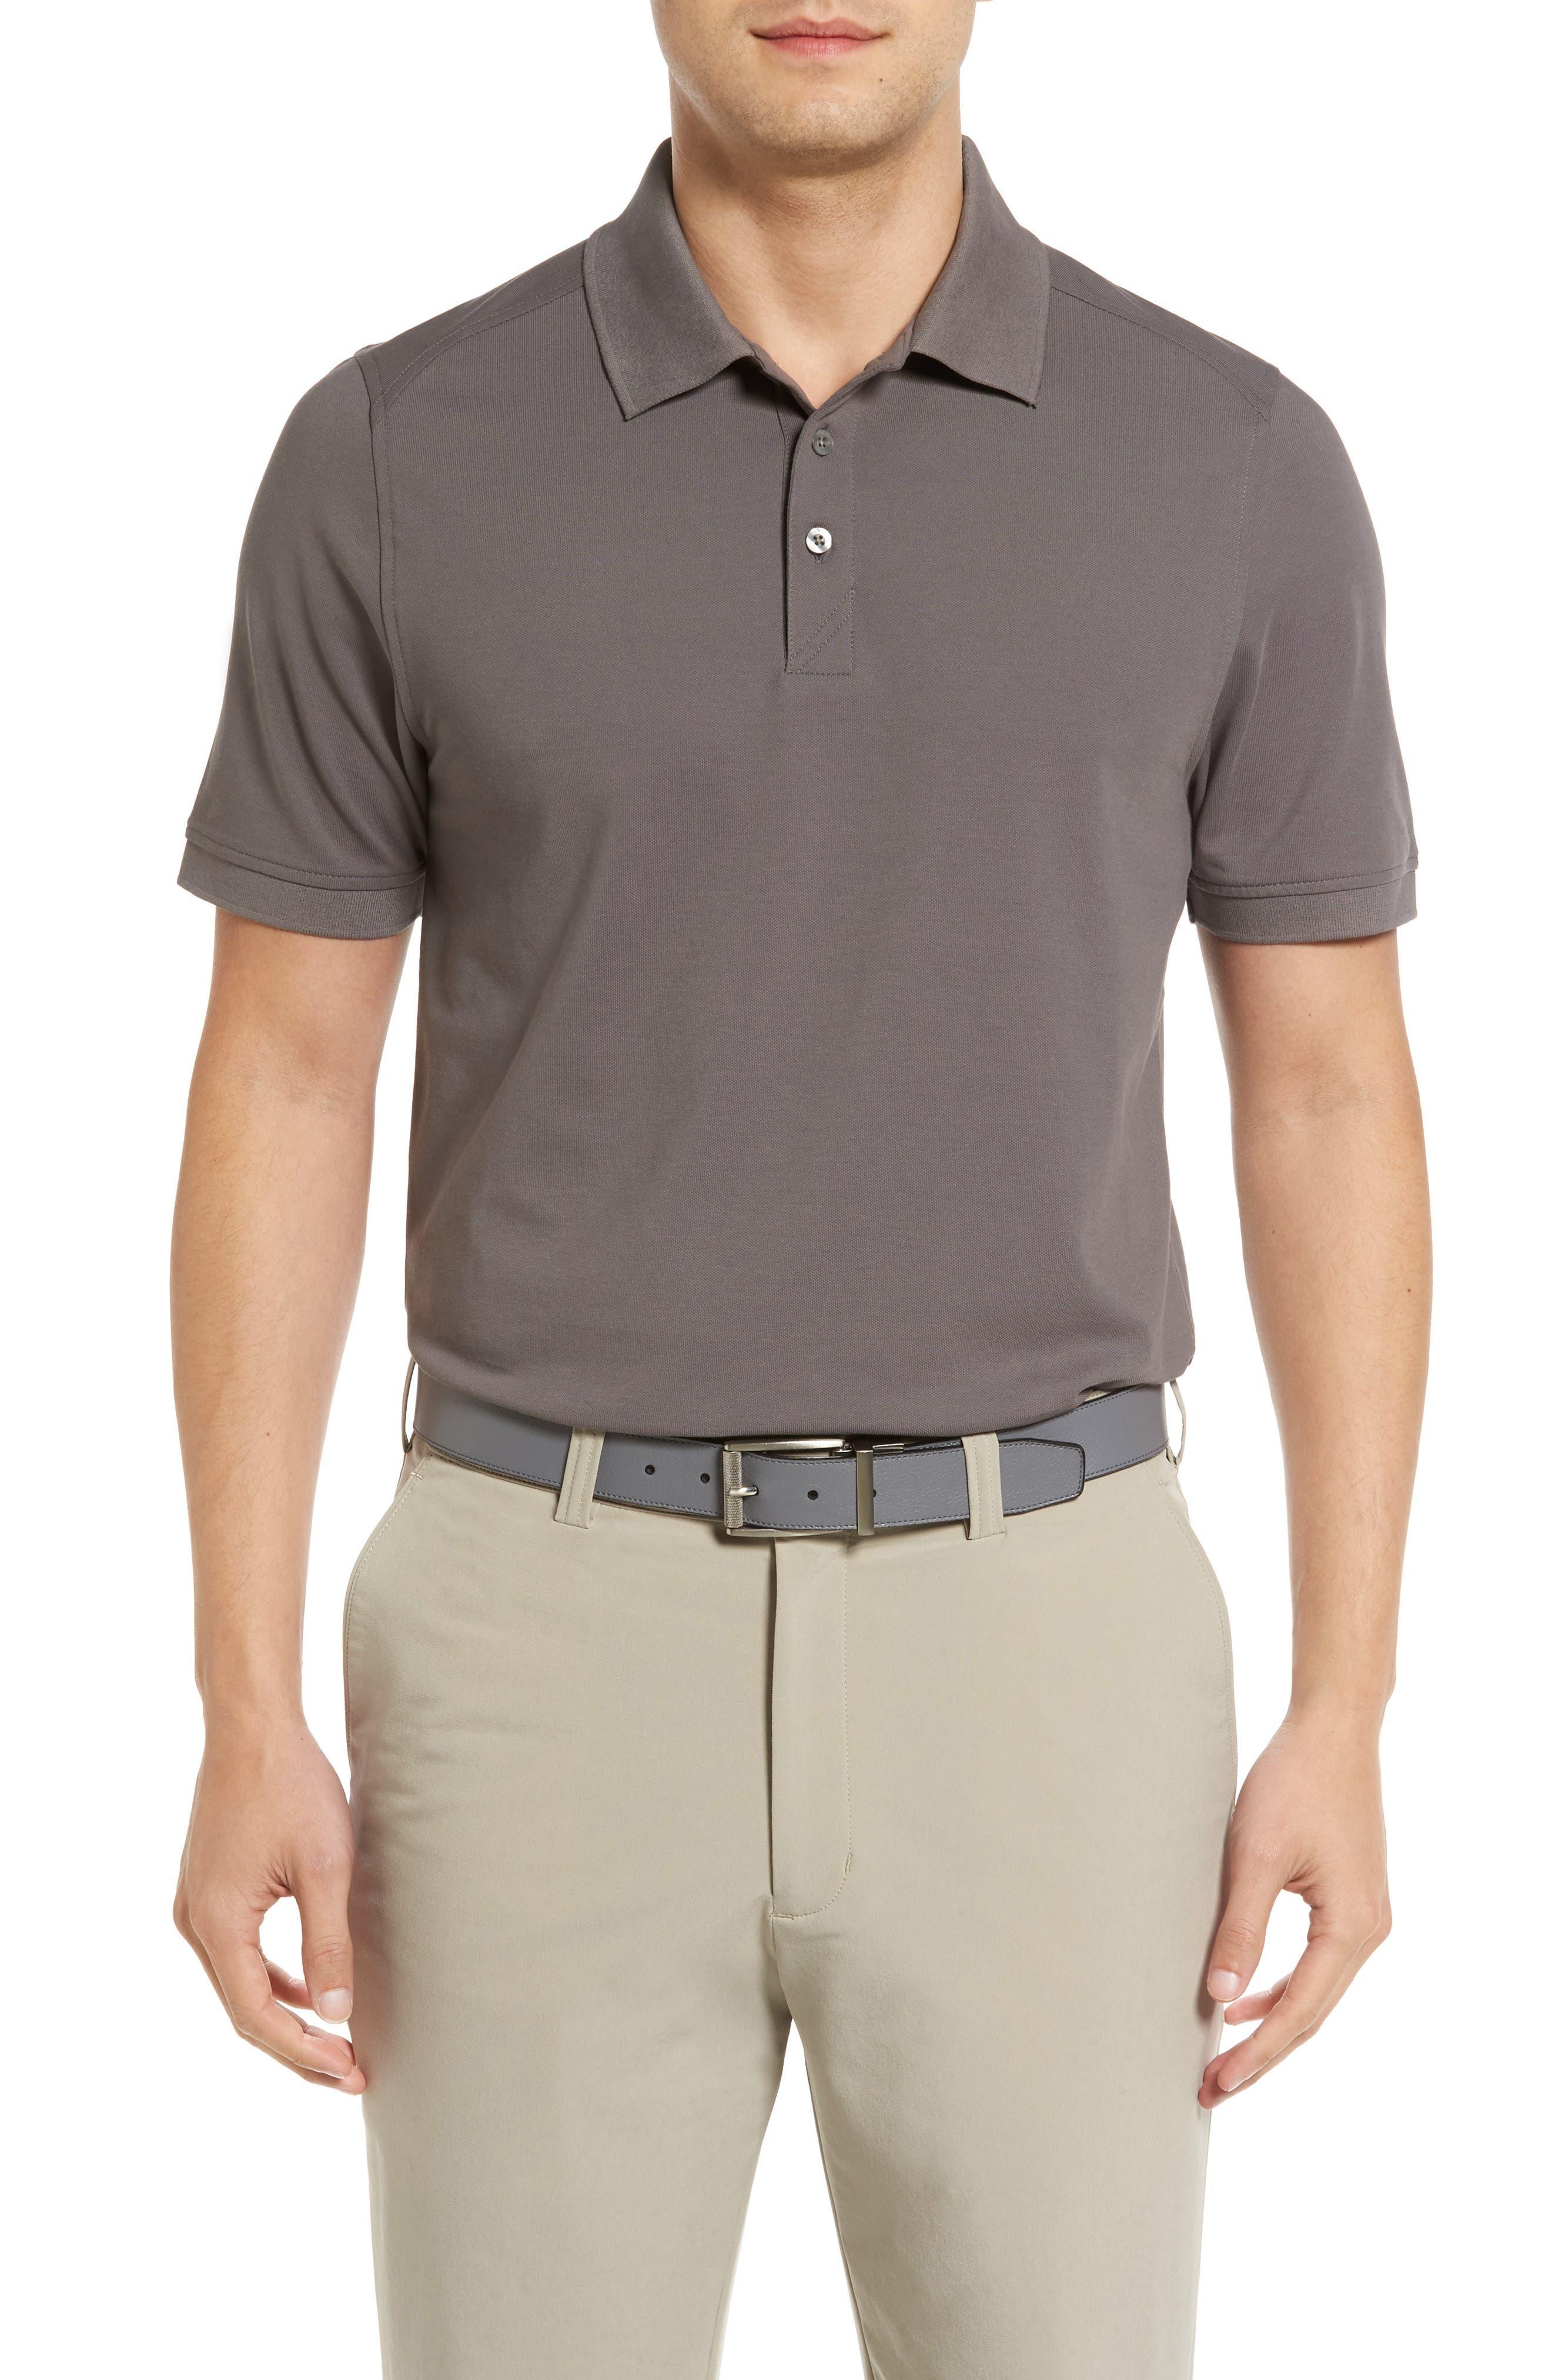 Cutter \u0026 Buck Advantage Golf Polo (Big \u0026 Tall)